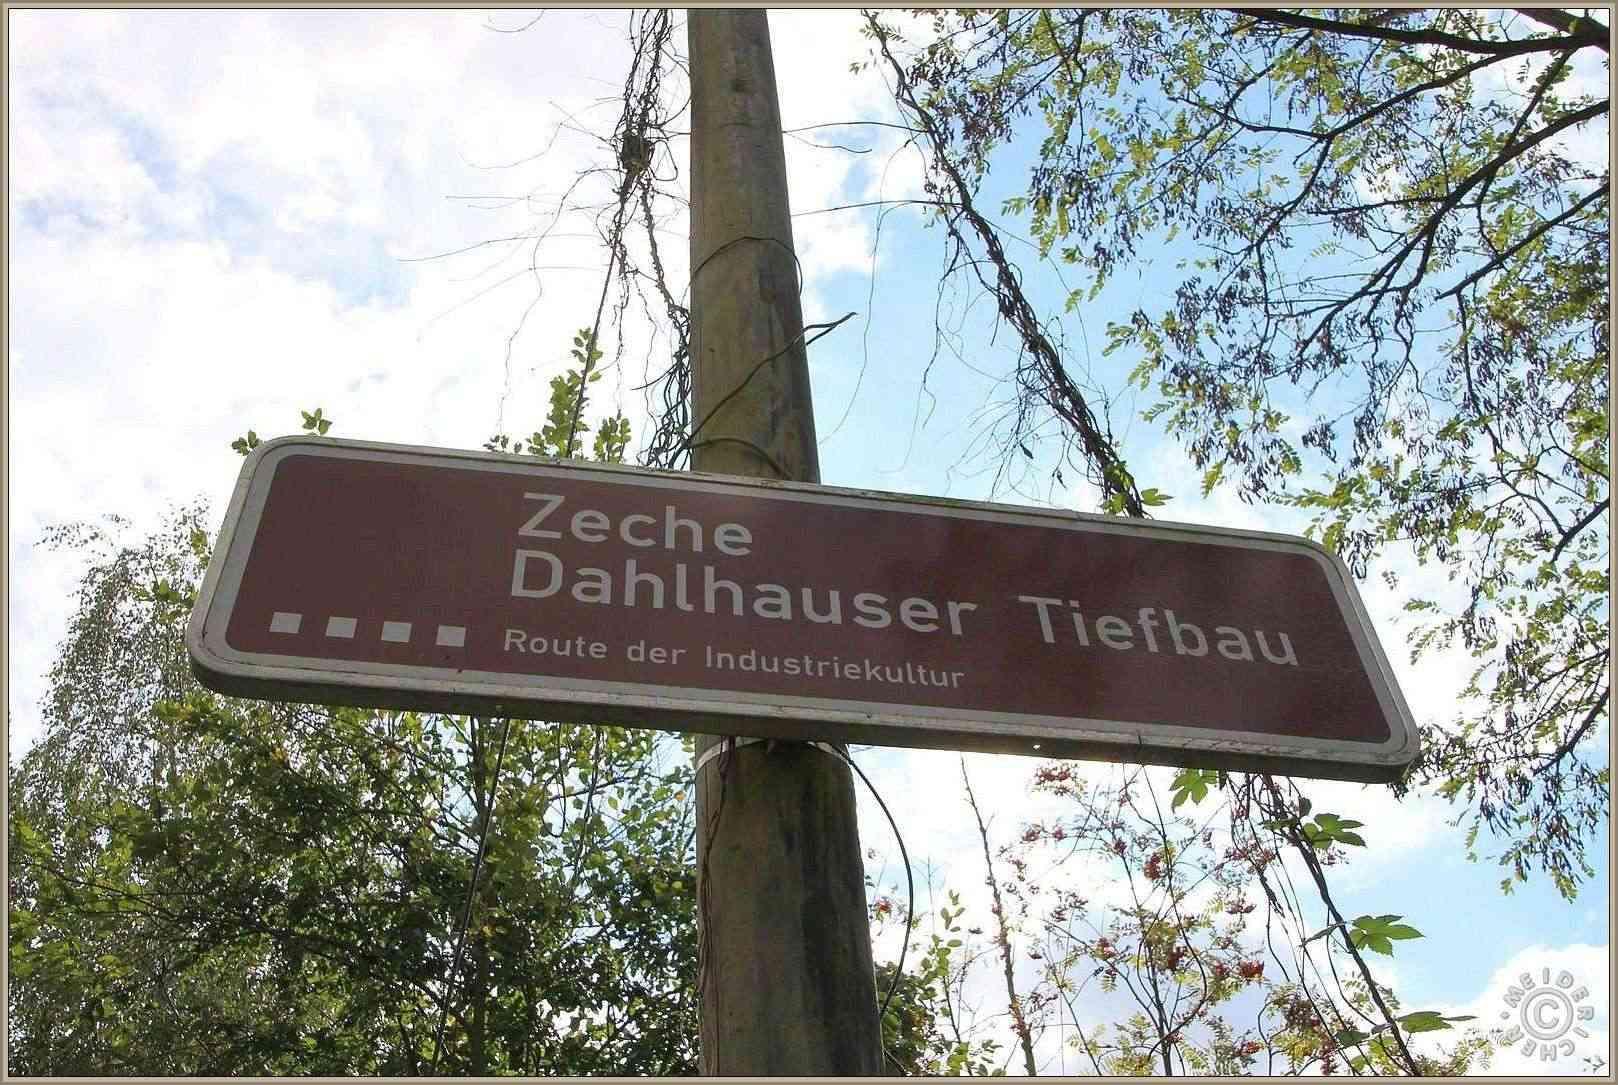 Zeche Dahlhausen Img_9010